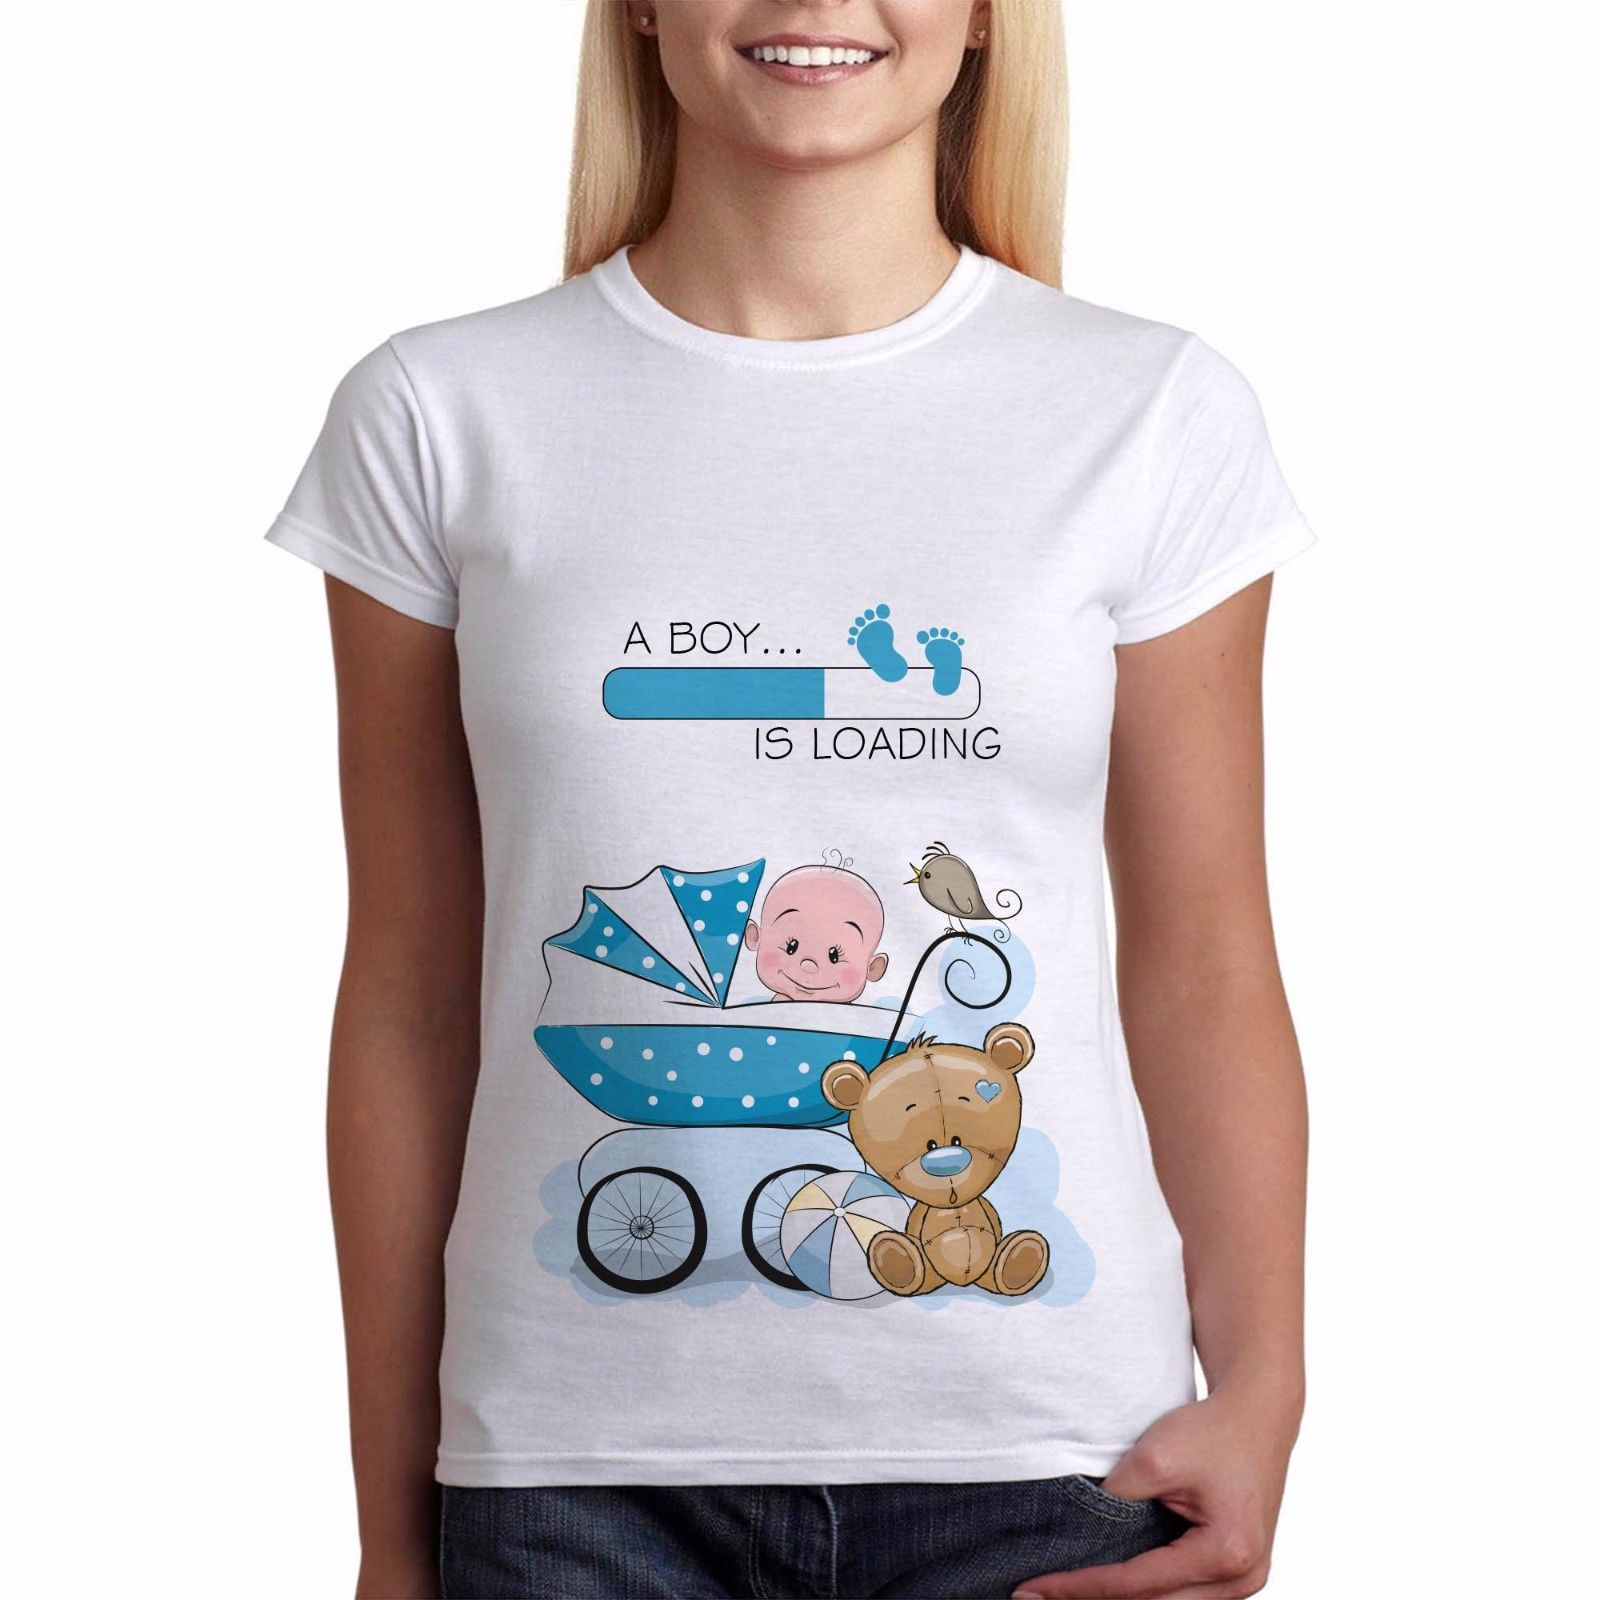 Divertente Gravidanza Maternità T-Shirt Vestiti Tees Ragazzo Sta Caricando Giraffa New White Harajuku Donne di Marca Top Stile di Estate T Shirt